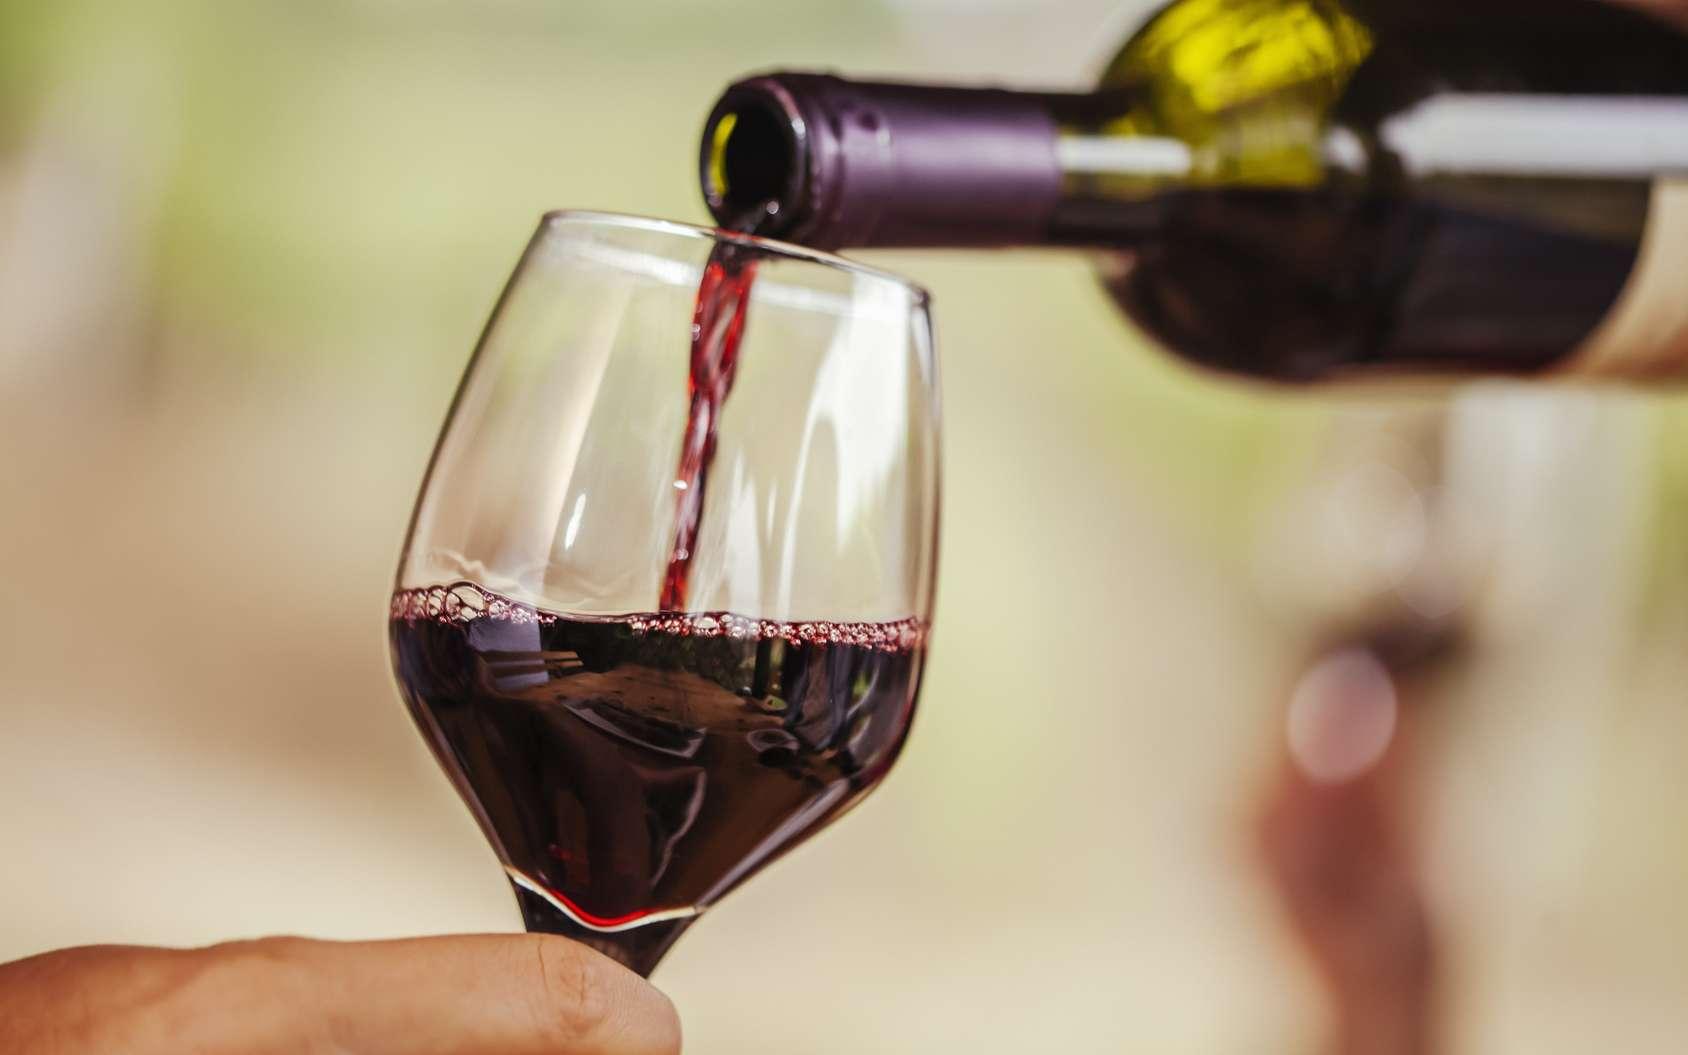 Pourquoi le vin contient des sulfites ? © Pixabay, DP